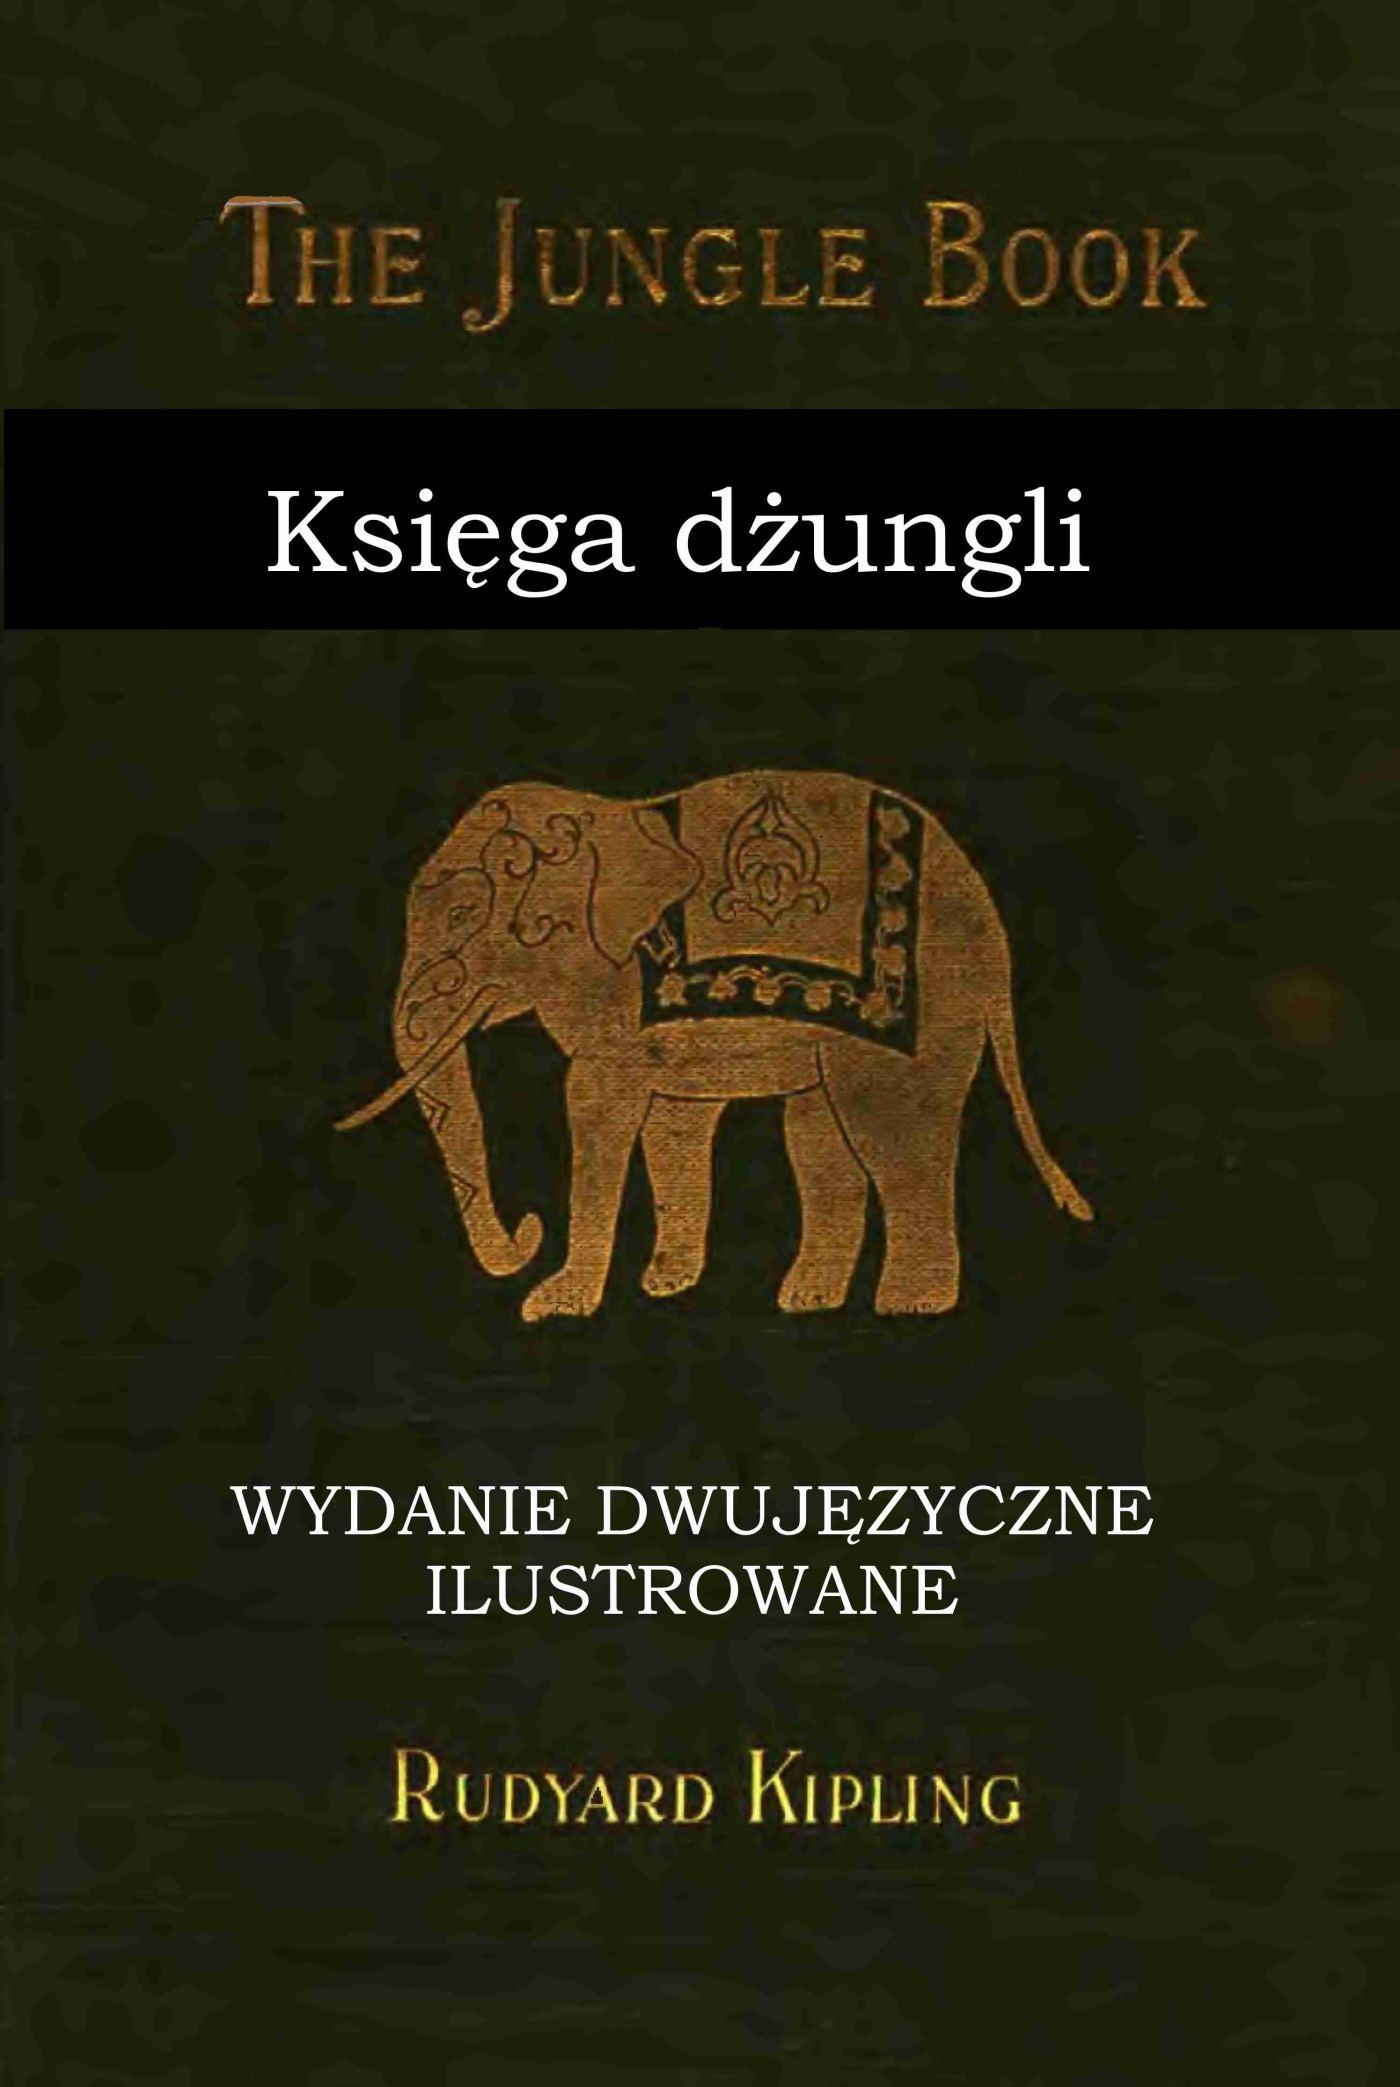 Księga dżungli. Wydanie dwujęzyczne ilustrowane - Ebook (Książka PDF) do pobrania w formacie PDF